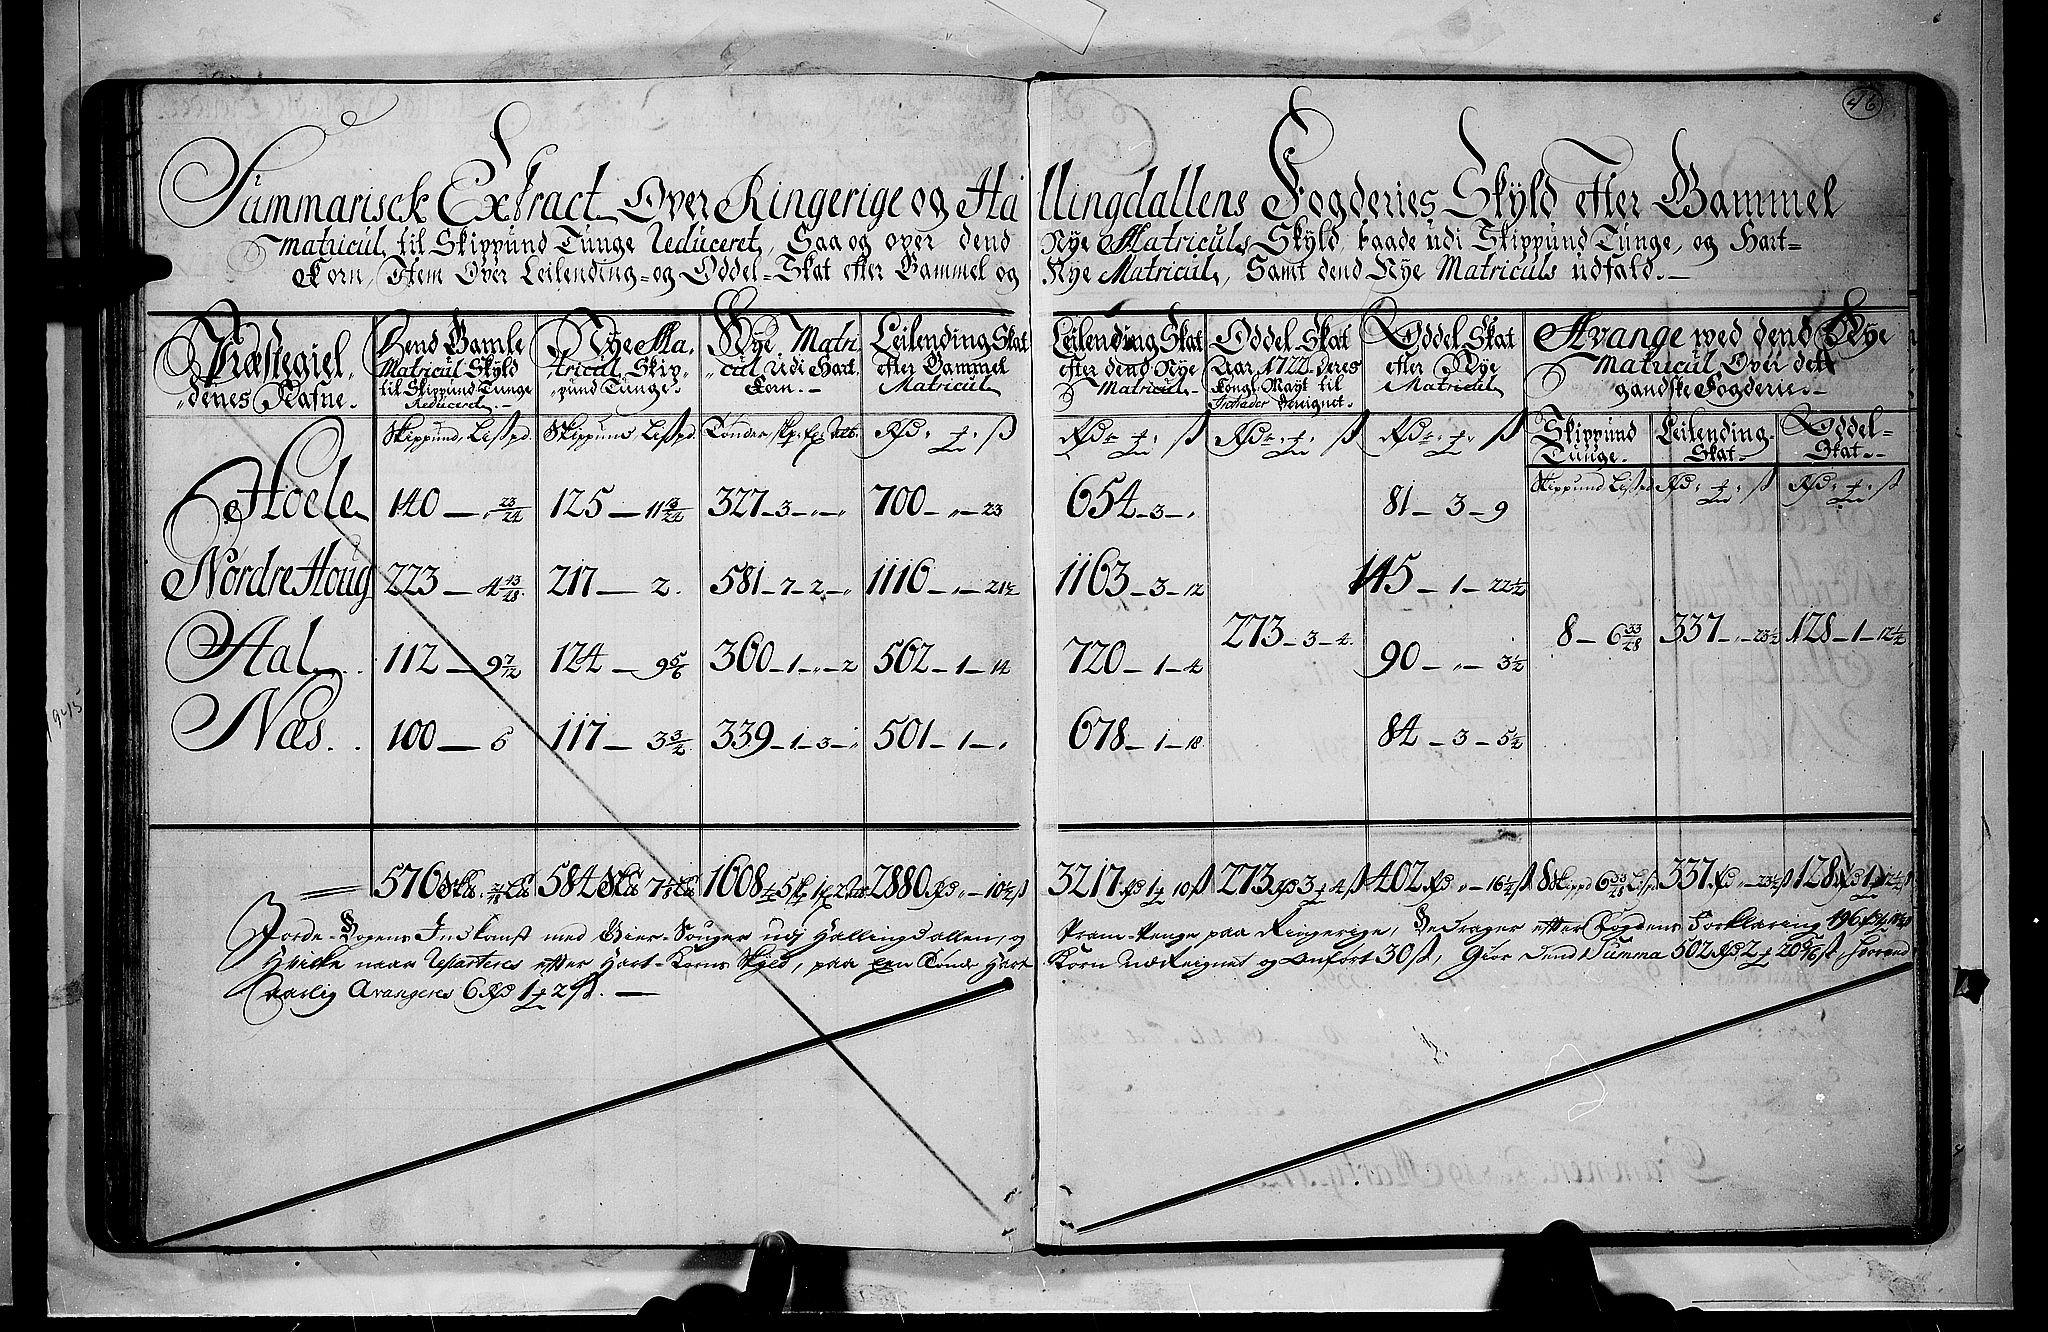 RA, Rentekammeret inntil 1814, Realistisk ordnet avdeling, N/Nb/Nbf/L0110: Ringerike og Hallingdal matrikkelprotokoll, 1723, s. 45b-46a